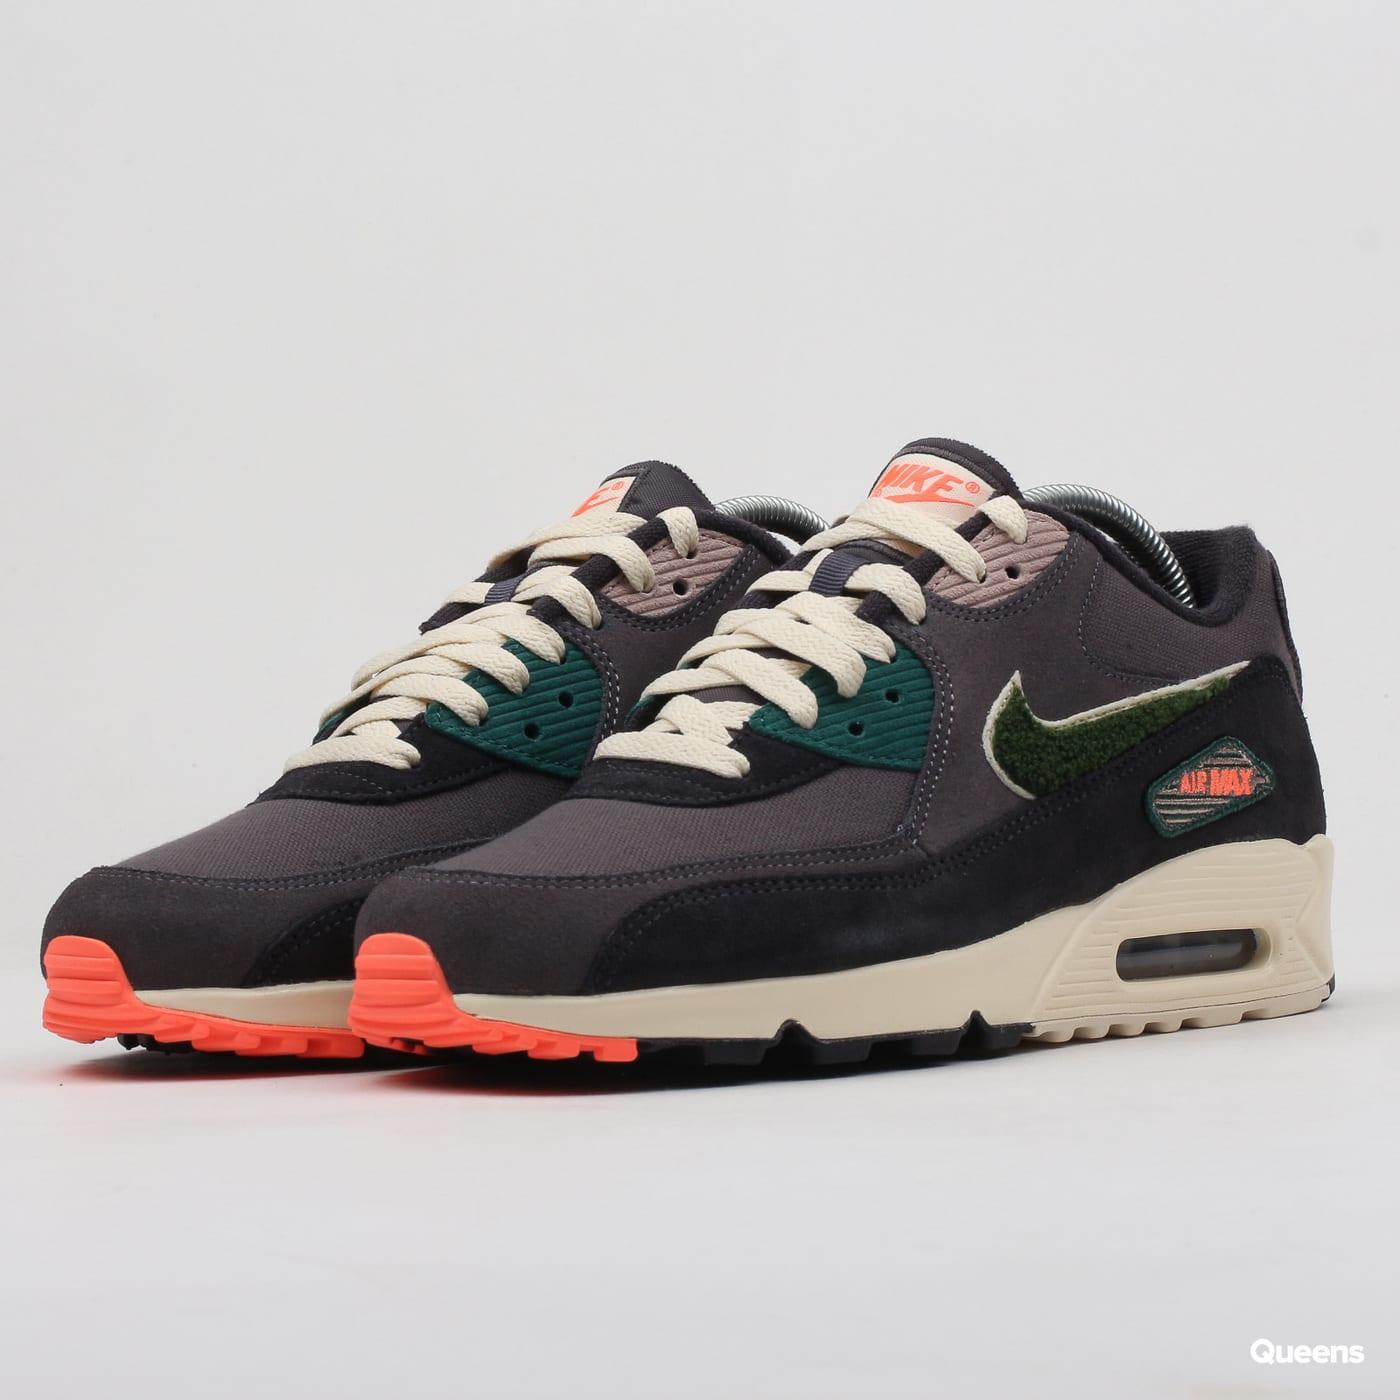 Obuv Nike Air Max 90 Premium SE (858954-002)– Queens 💚 e82121e727b